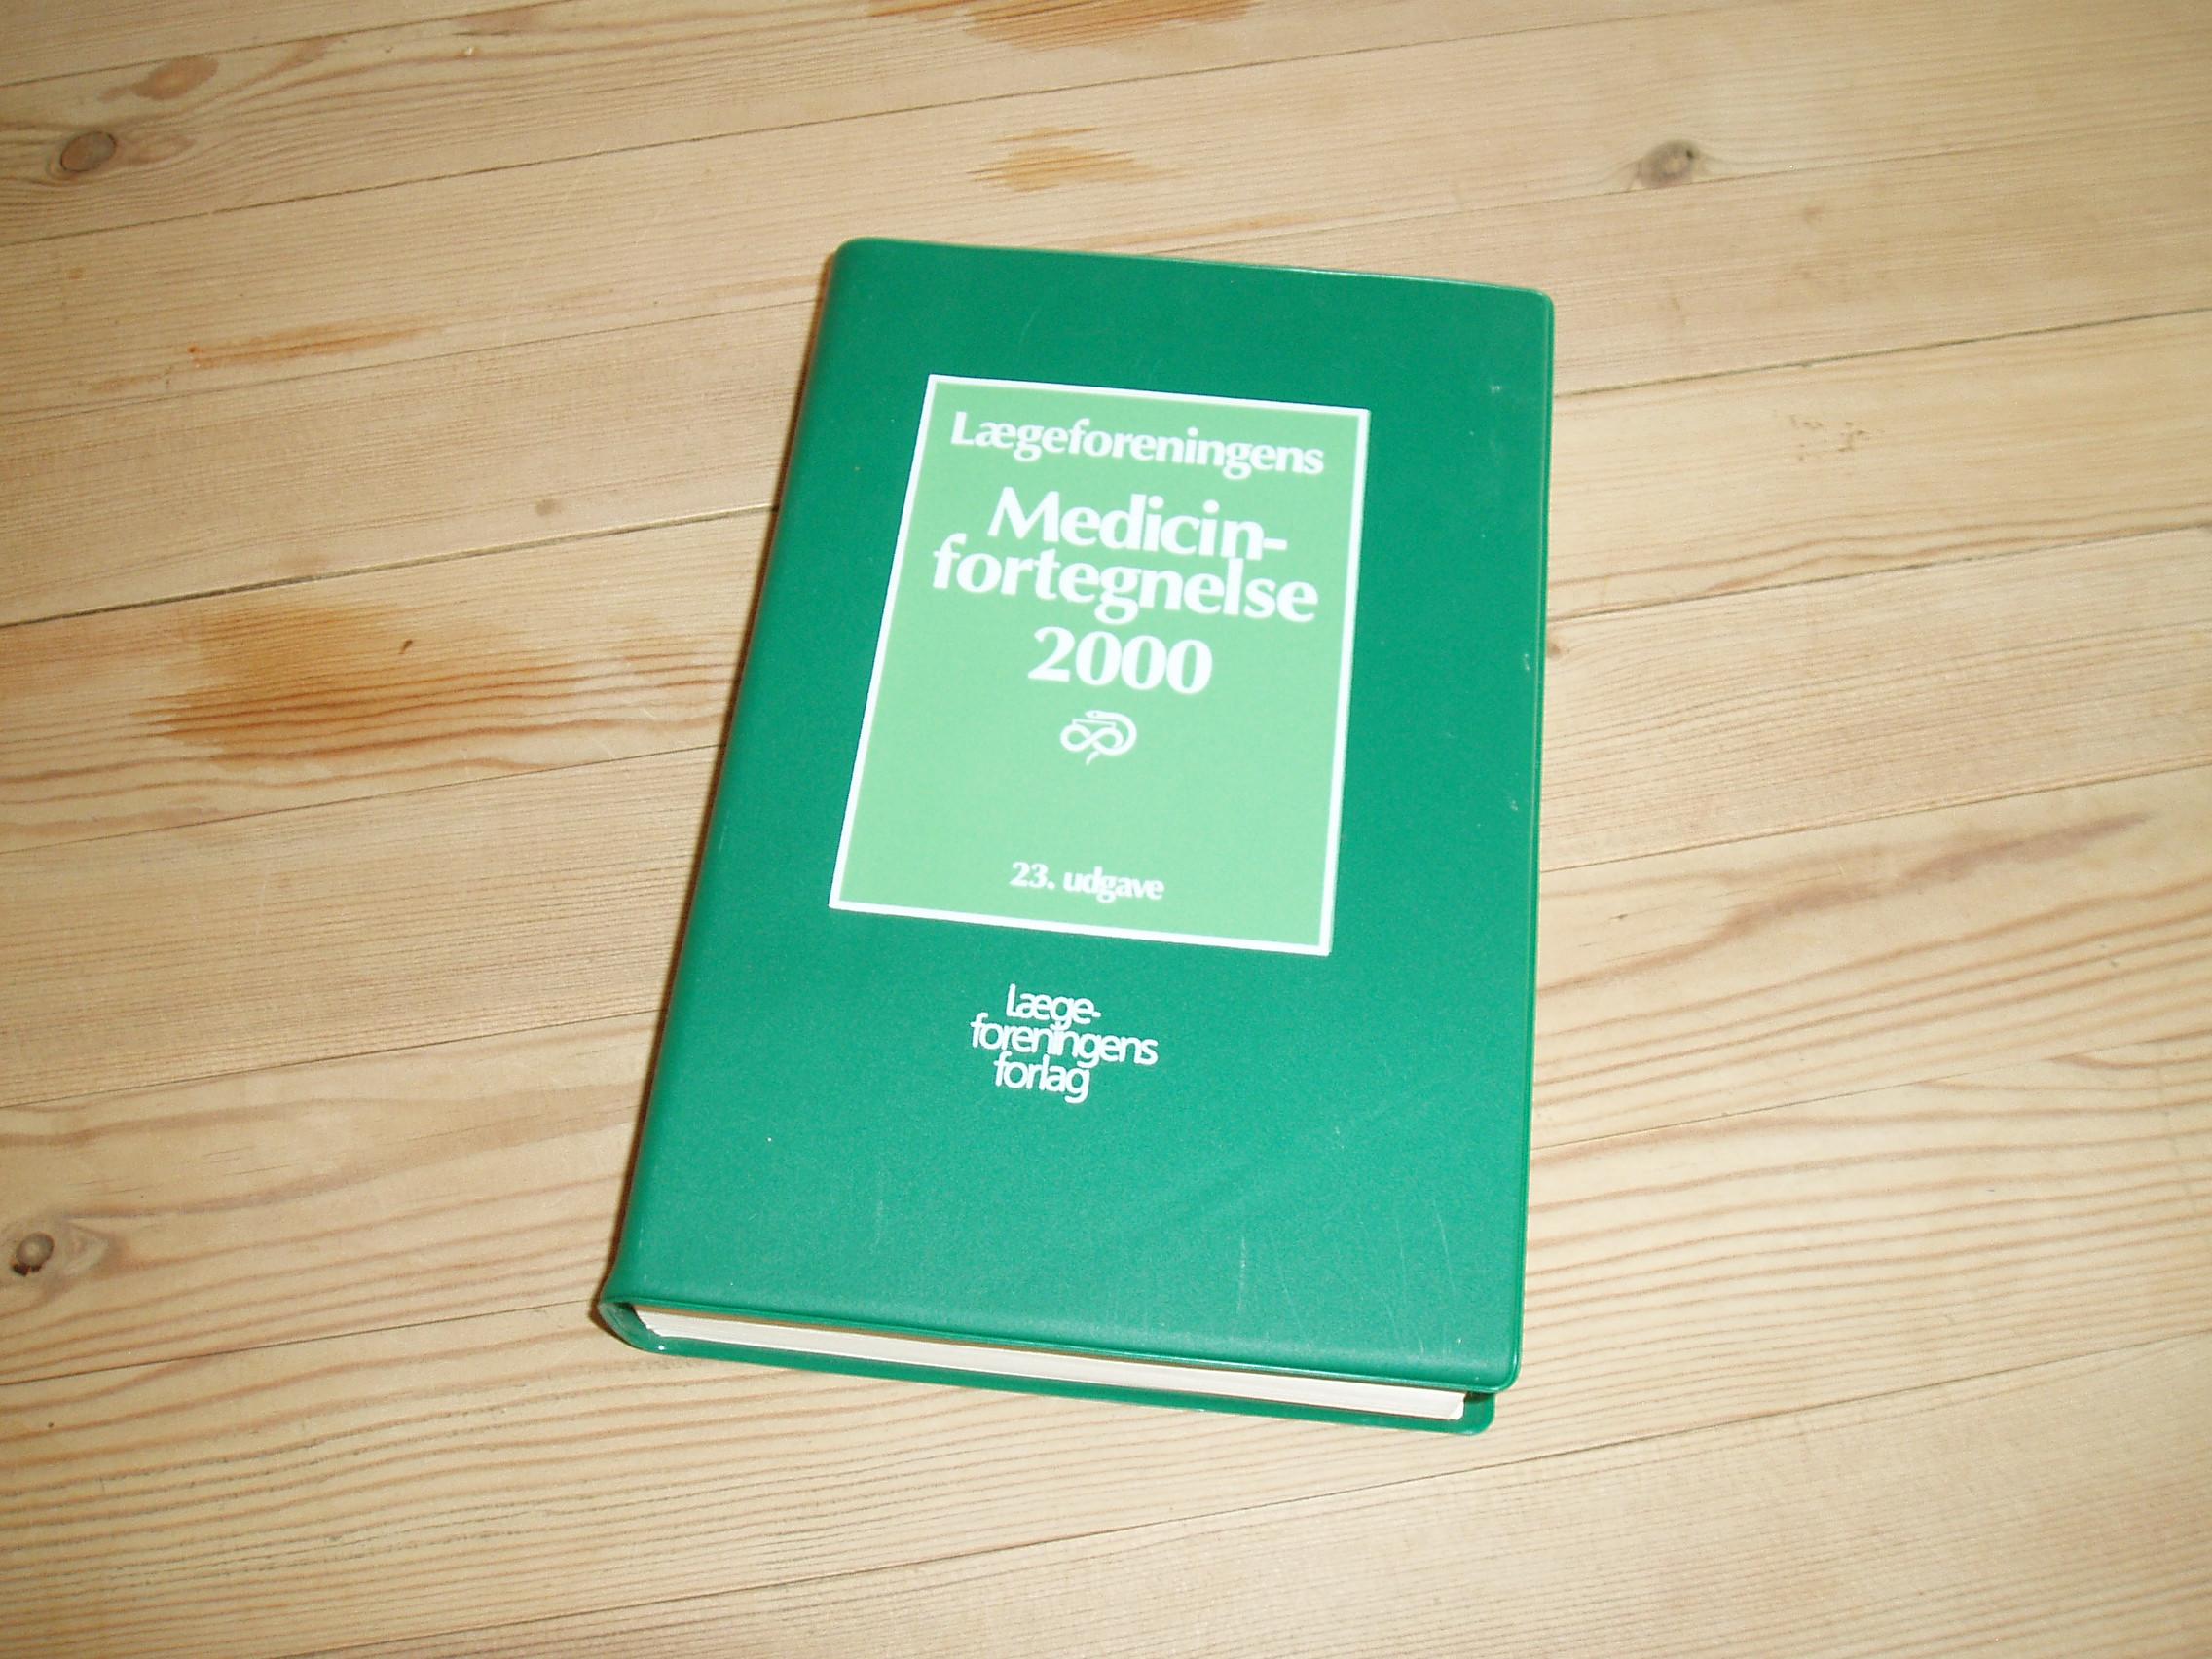 Medicinfortegnelse 2000. 23. udgave